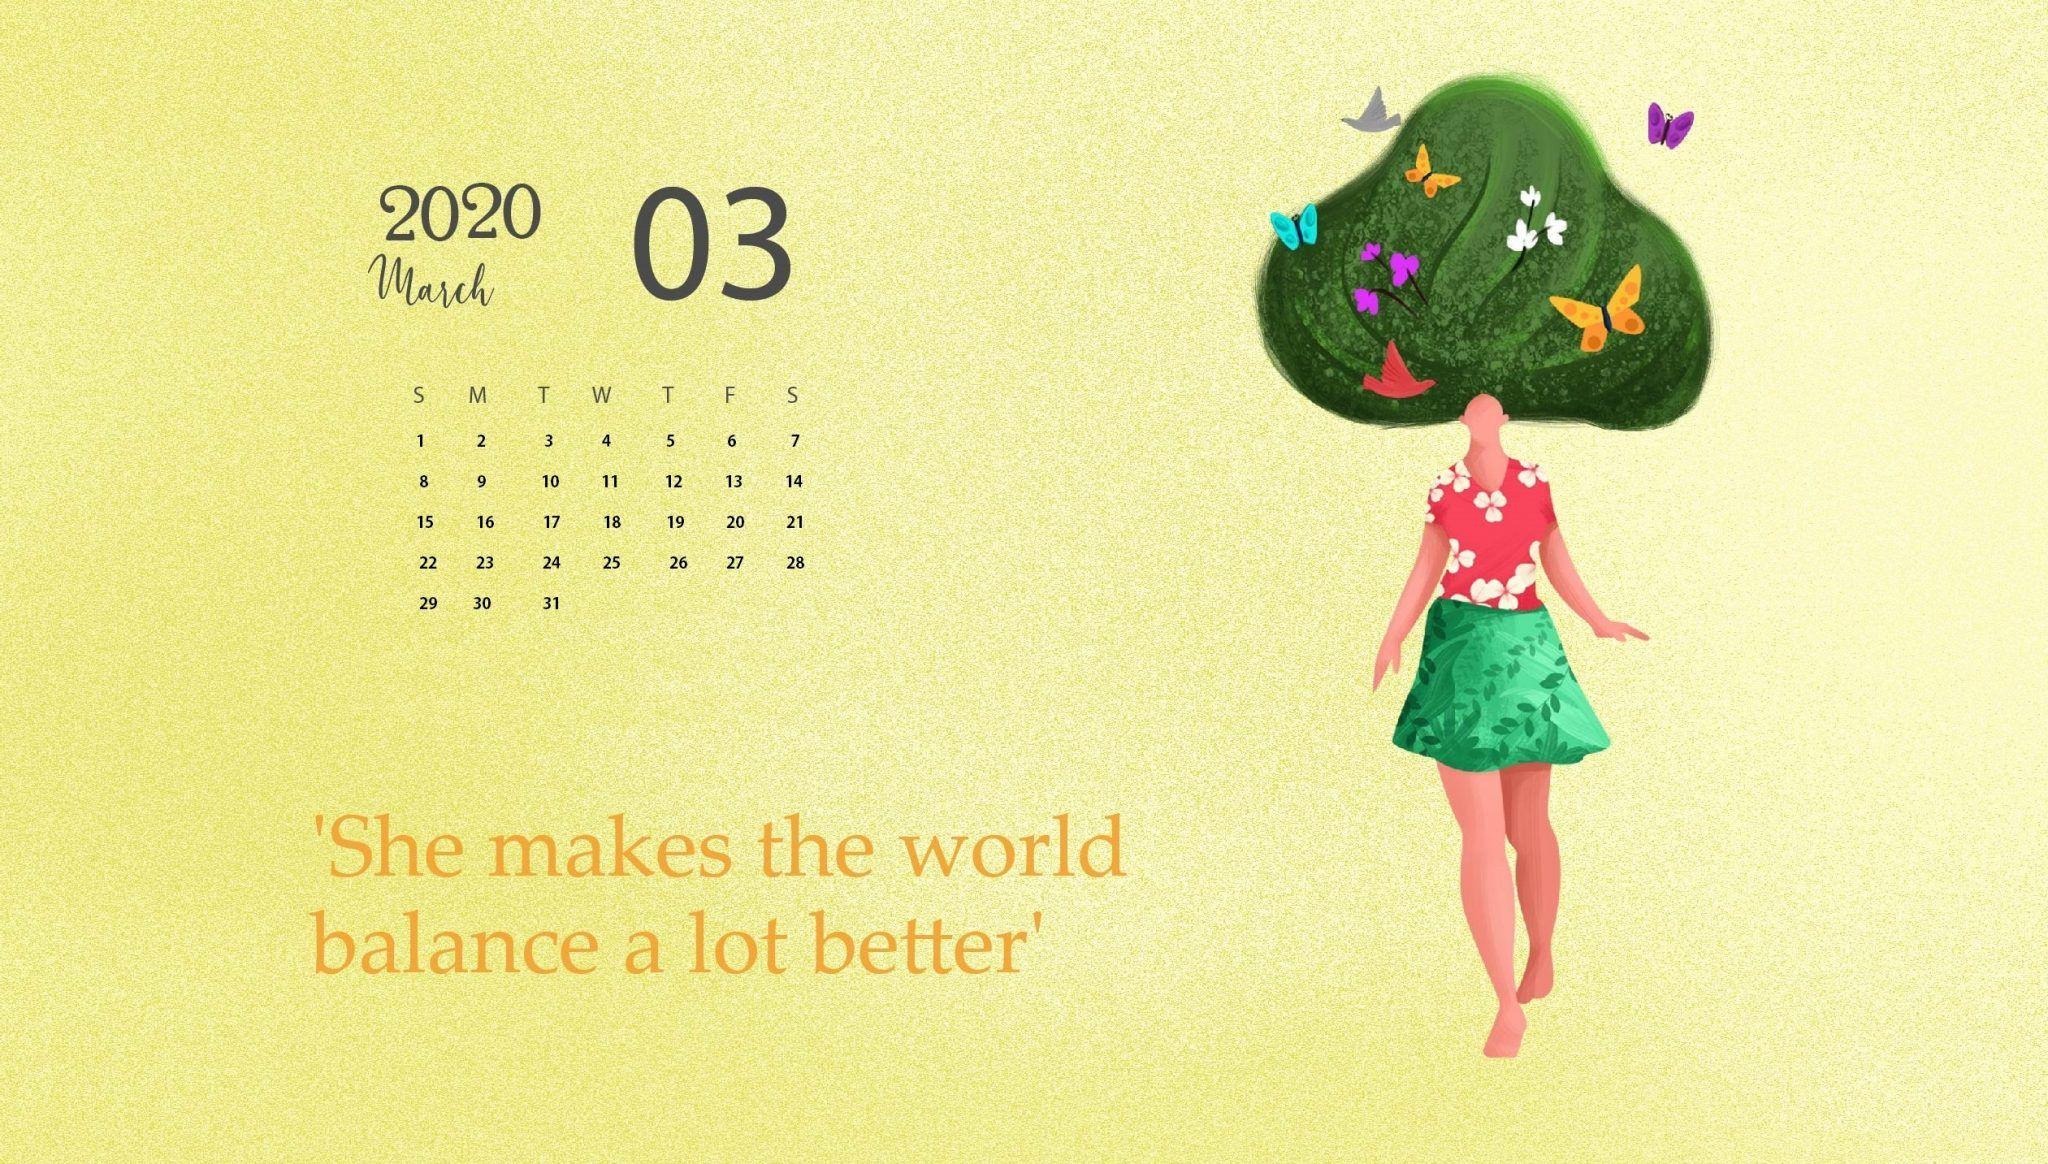 March 2020 Calendar Wallpaper Desktop and iPhone in 2020